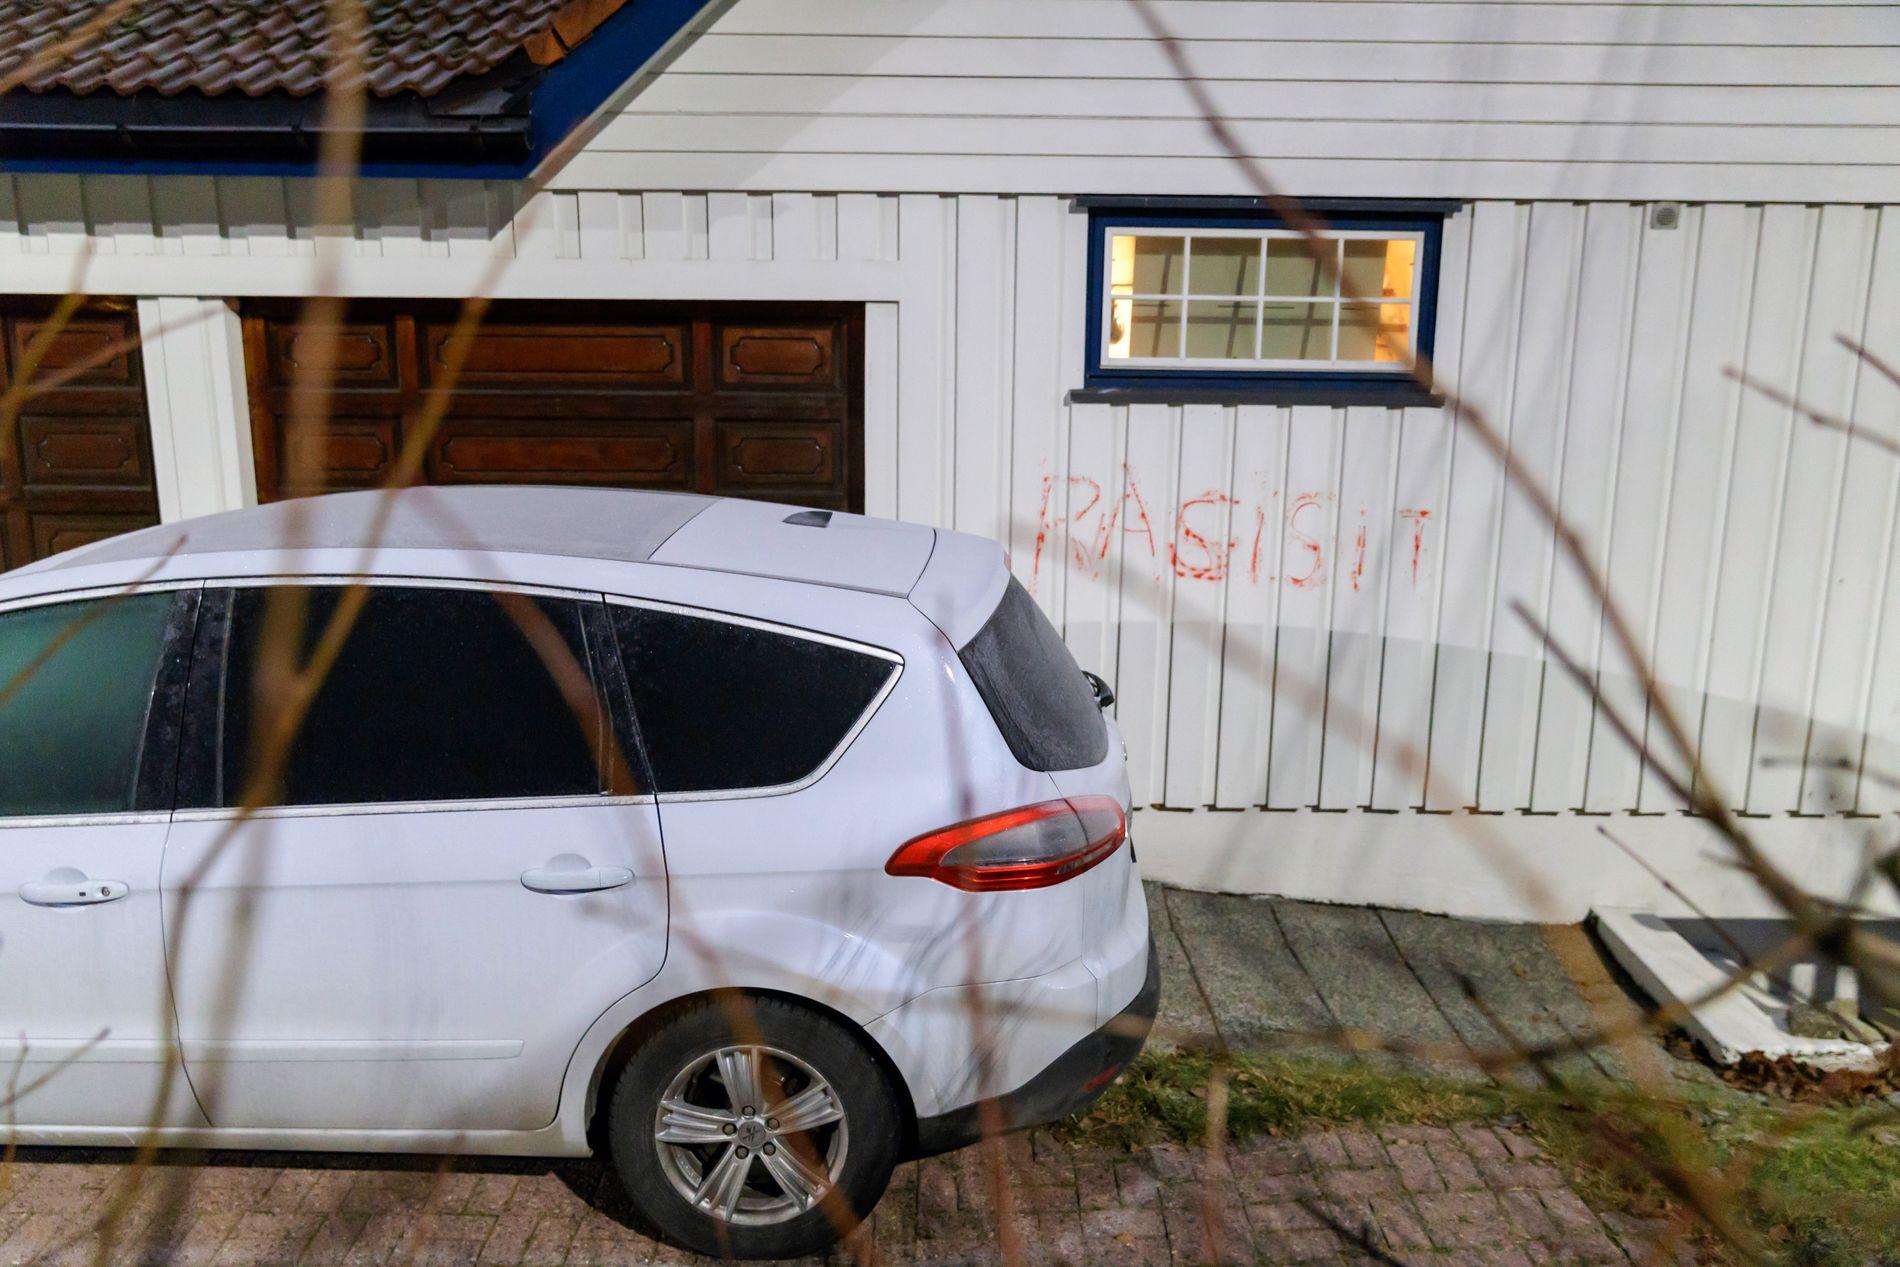 TAGGING: Ordet «rasist» var både korrekt og feil stavet på henholdsvis justisministerens bil og bolig etter det første angrepet i desember i fjor.